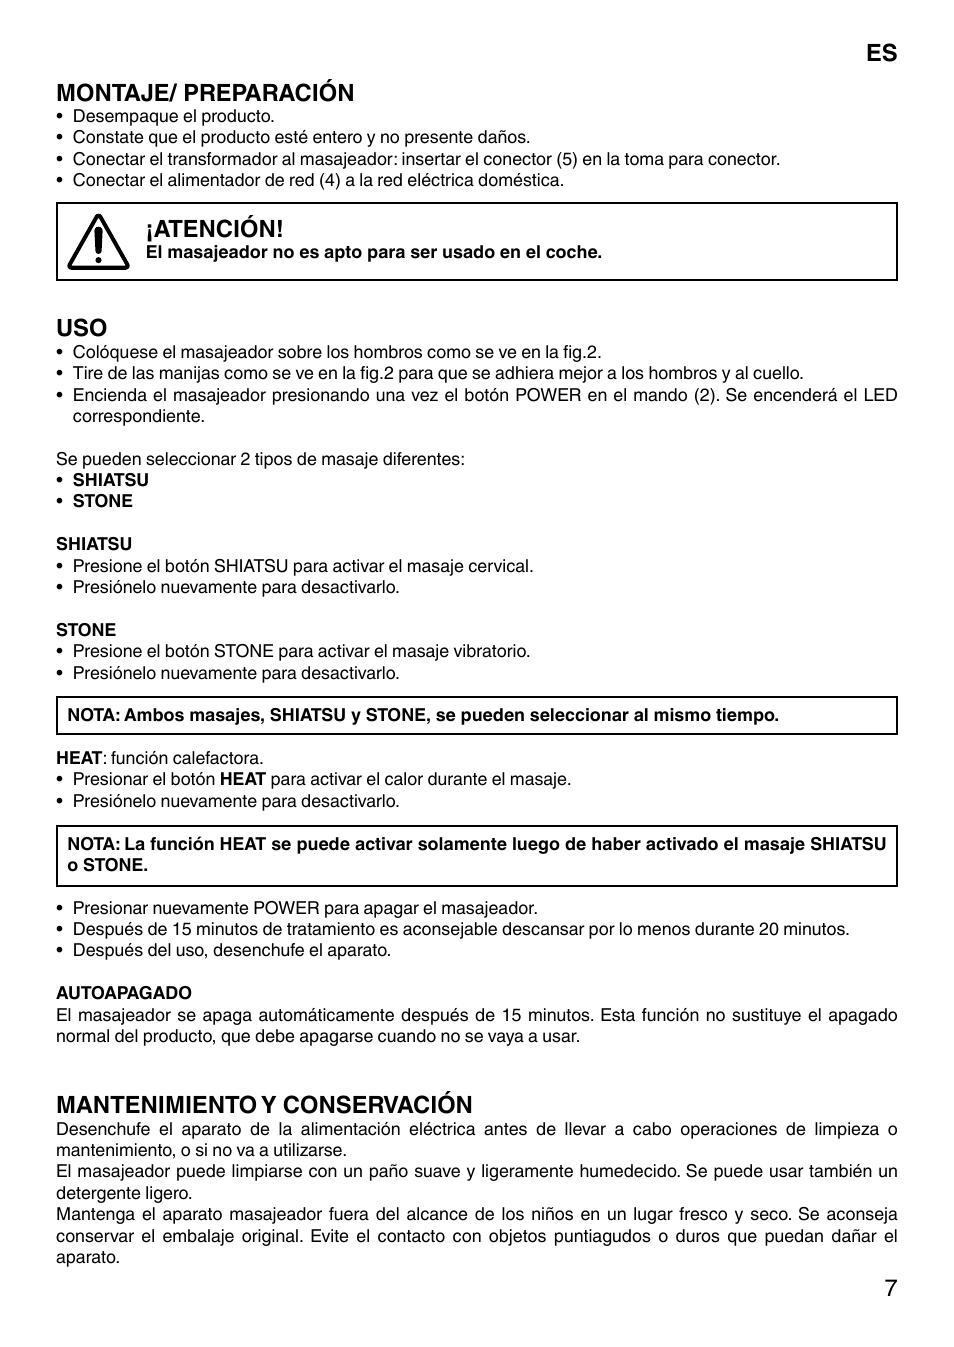 Imetec Sensuij Mc1 200.7montaje Preparacion Atencion Mantenimiento Y